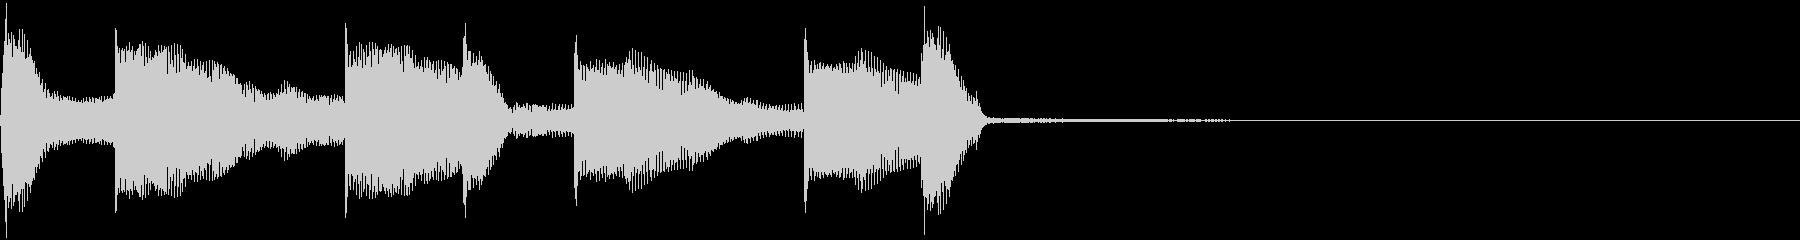 ファンタジーなファンシージングルの未再生の波形